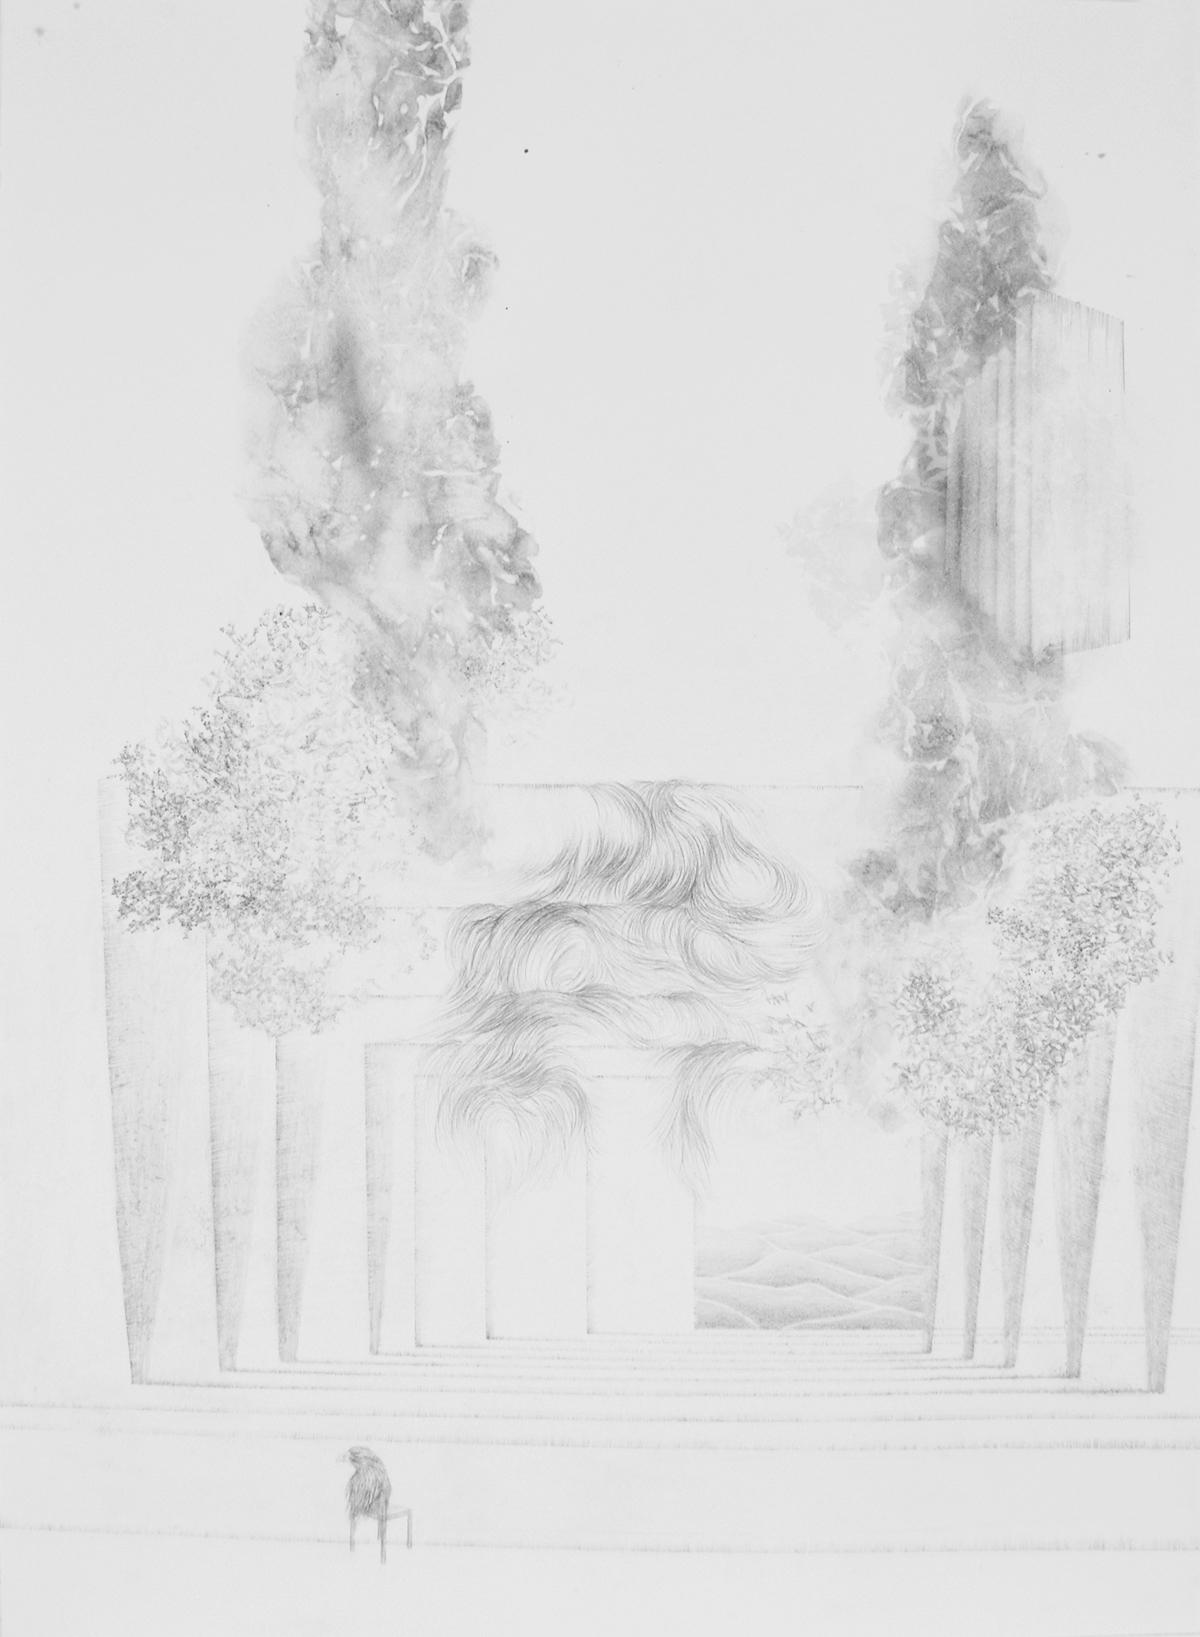 <i>L'intervalle des sables</i>, 2015, graphite et lavis, 80x60cm